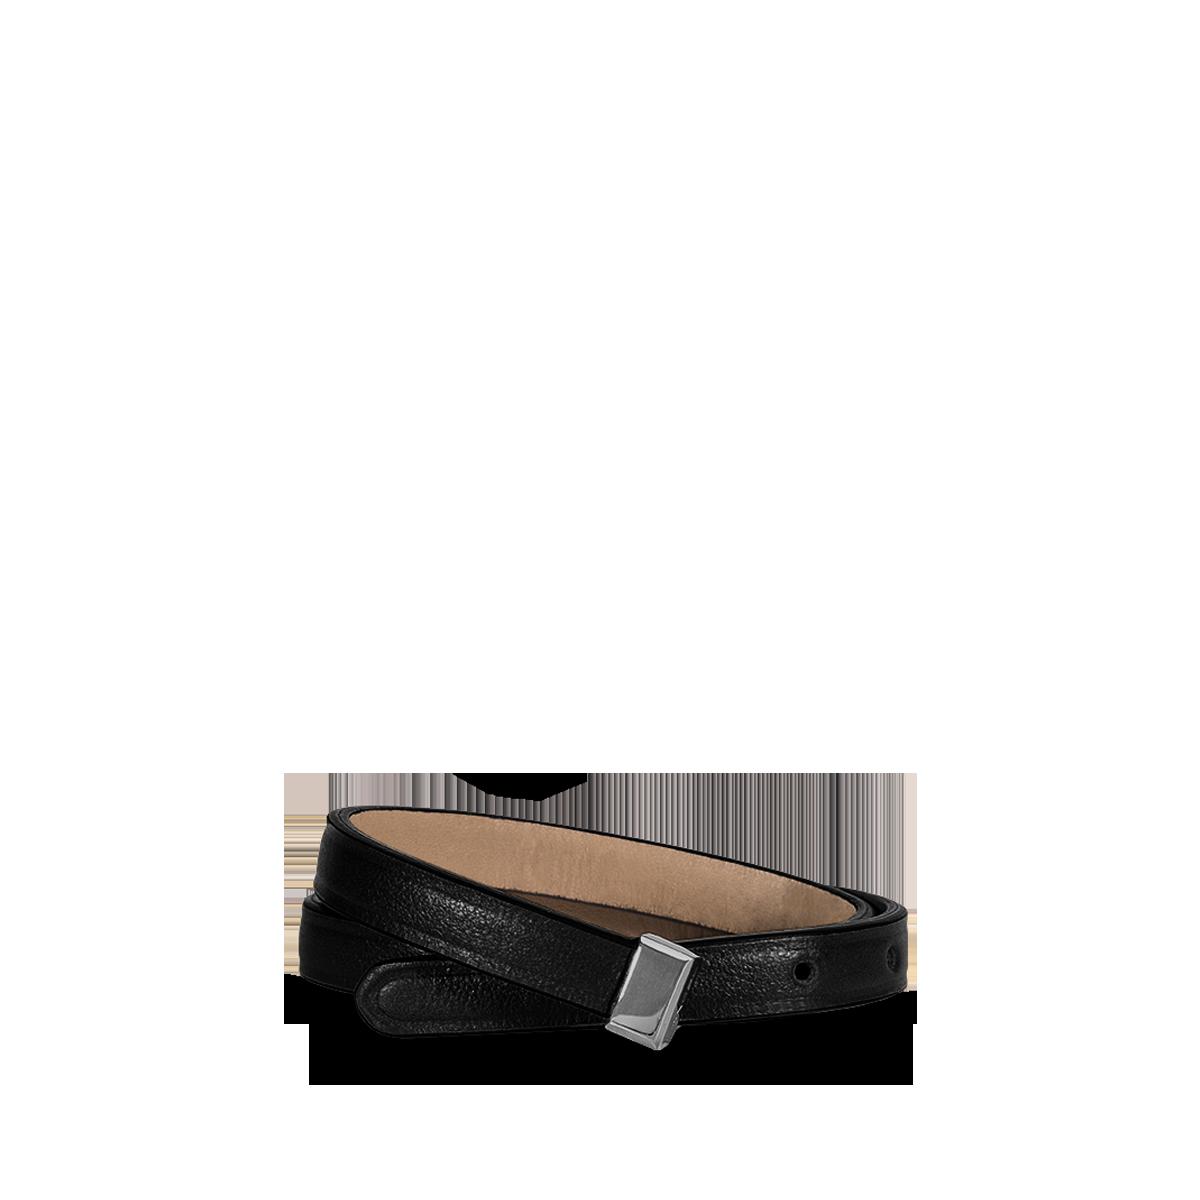 Lancel bracelet noir en cuir de vachette de la collection